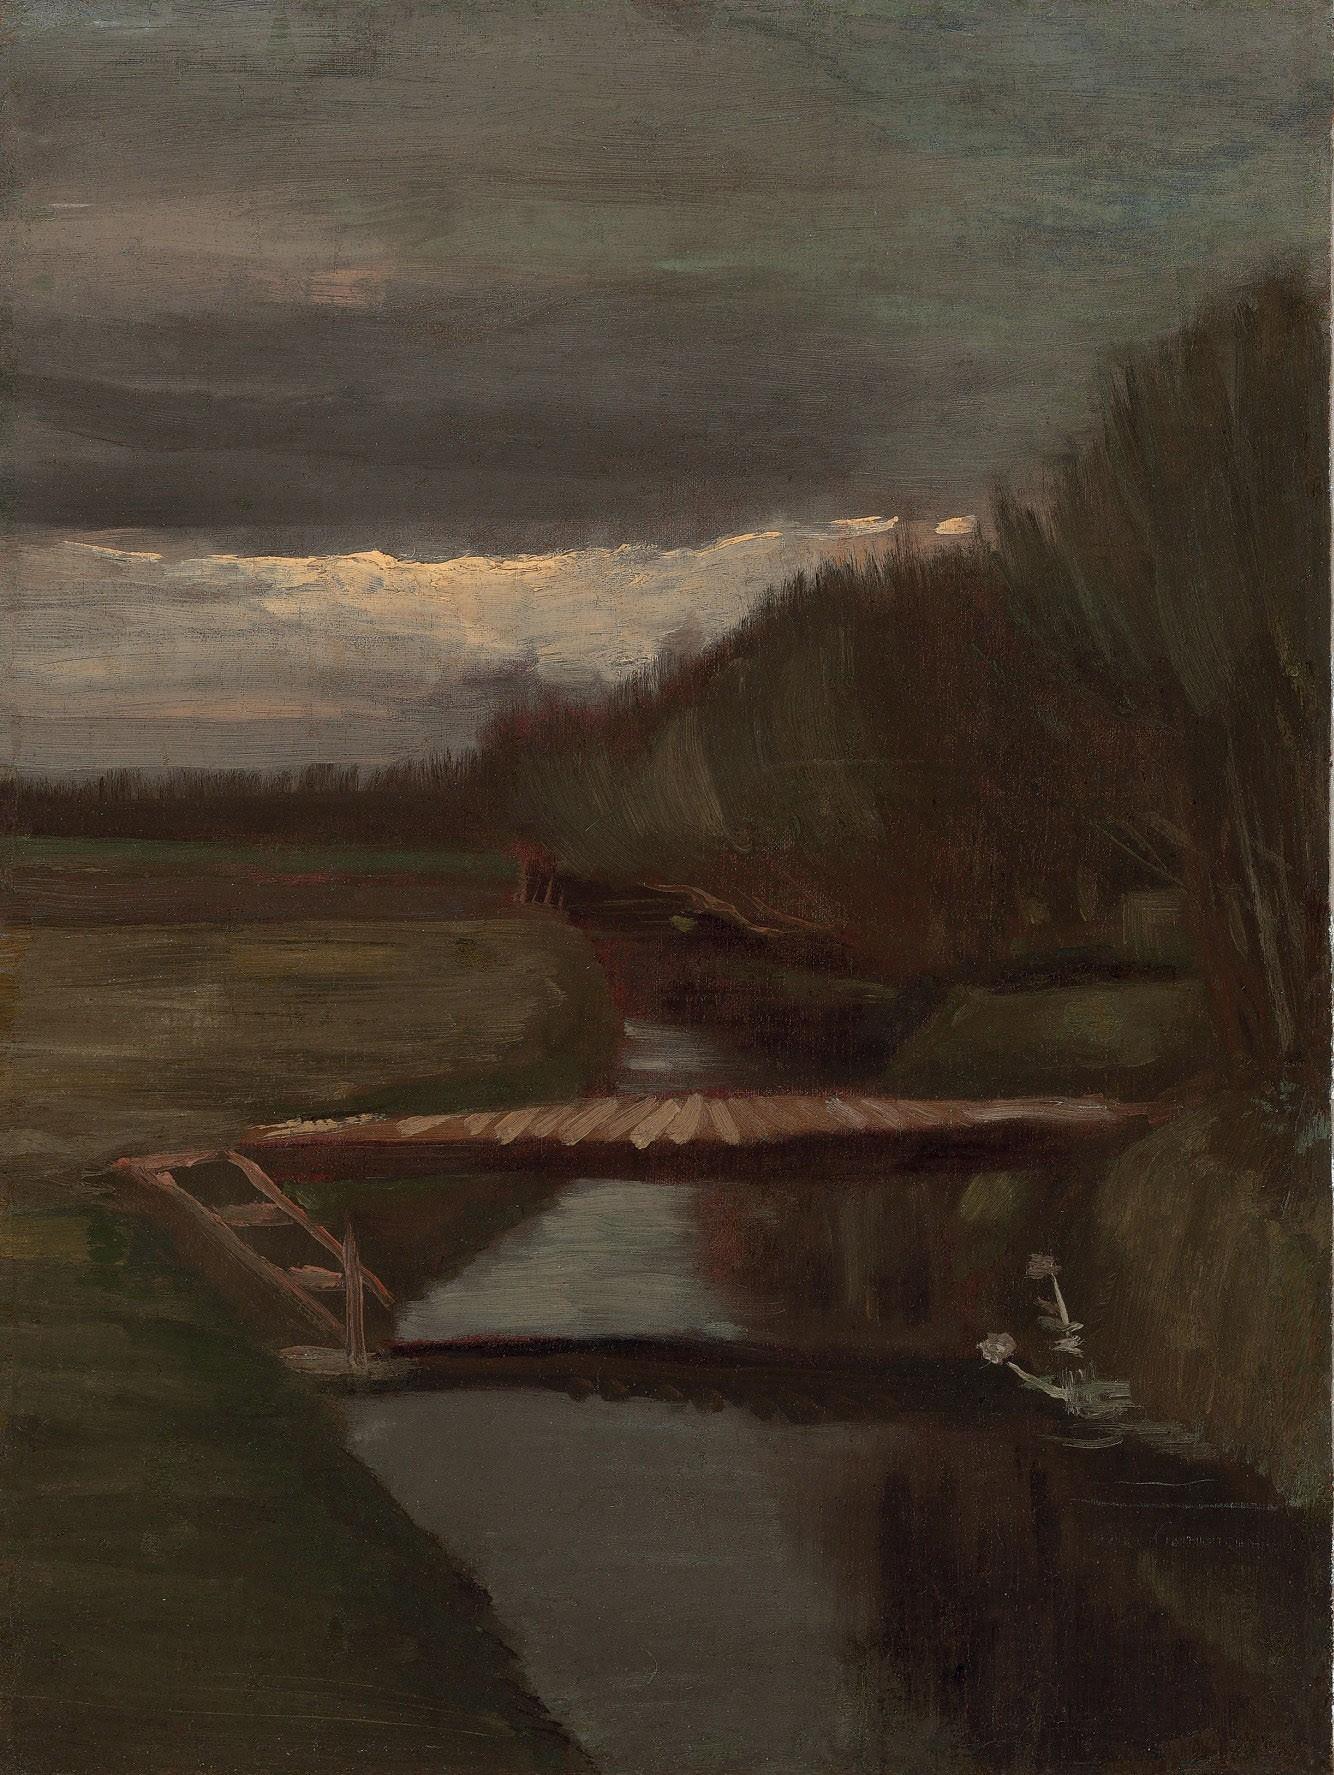 Footbridge Across a Ditch by Vincent van Gogh